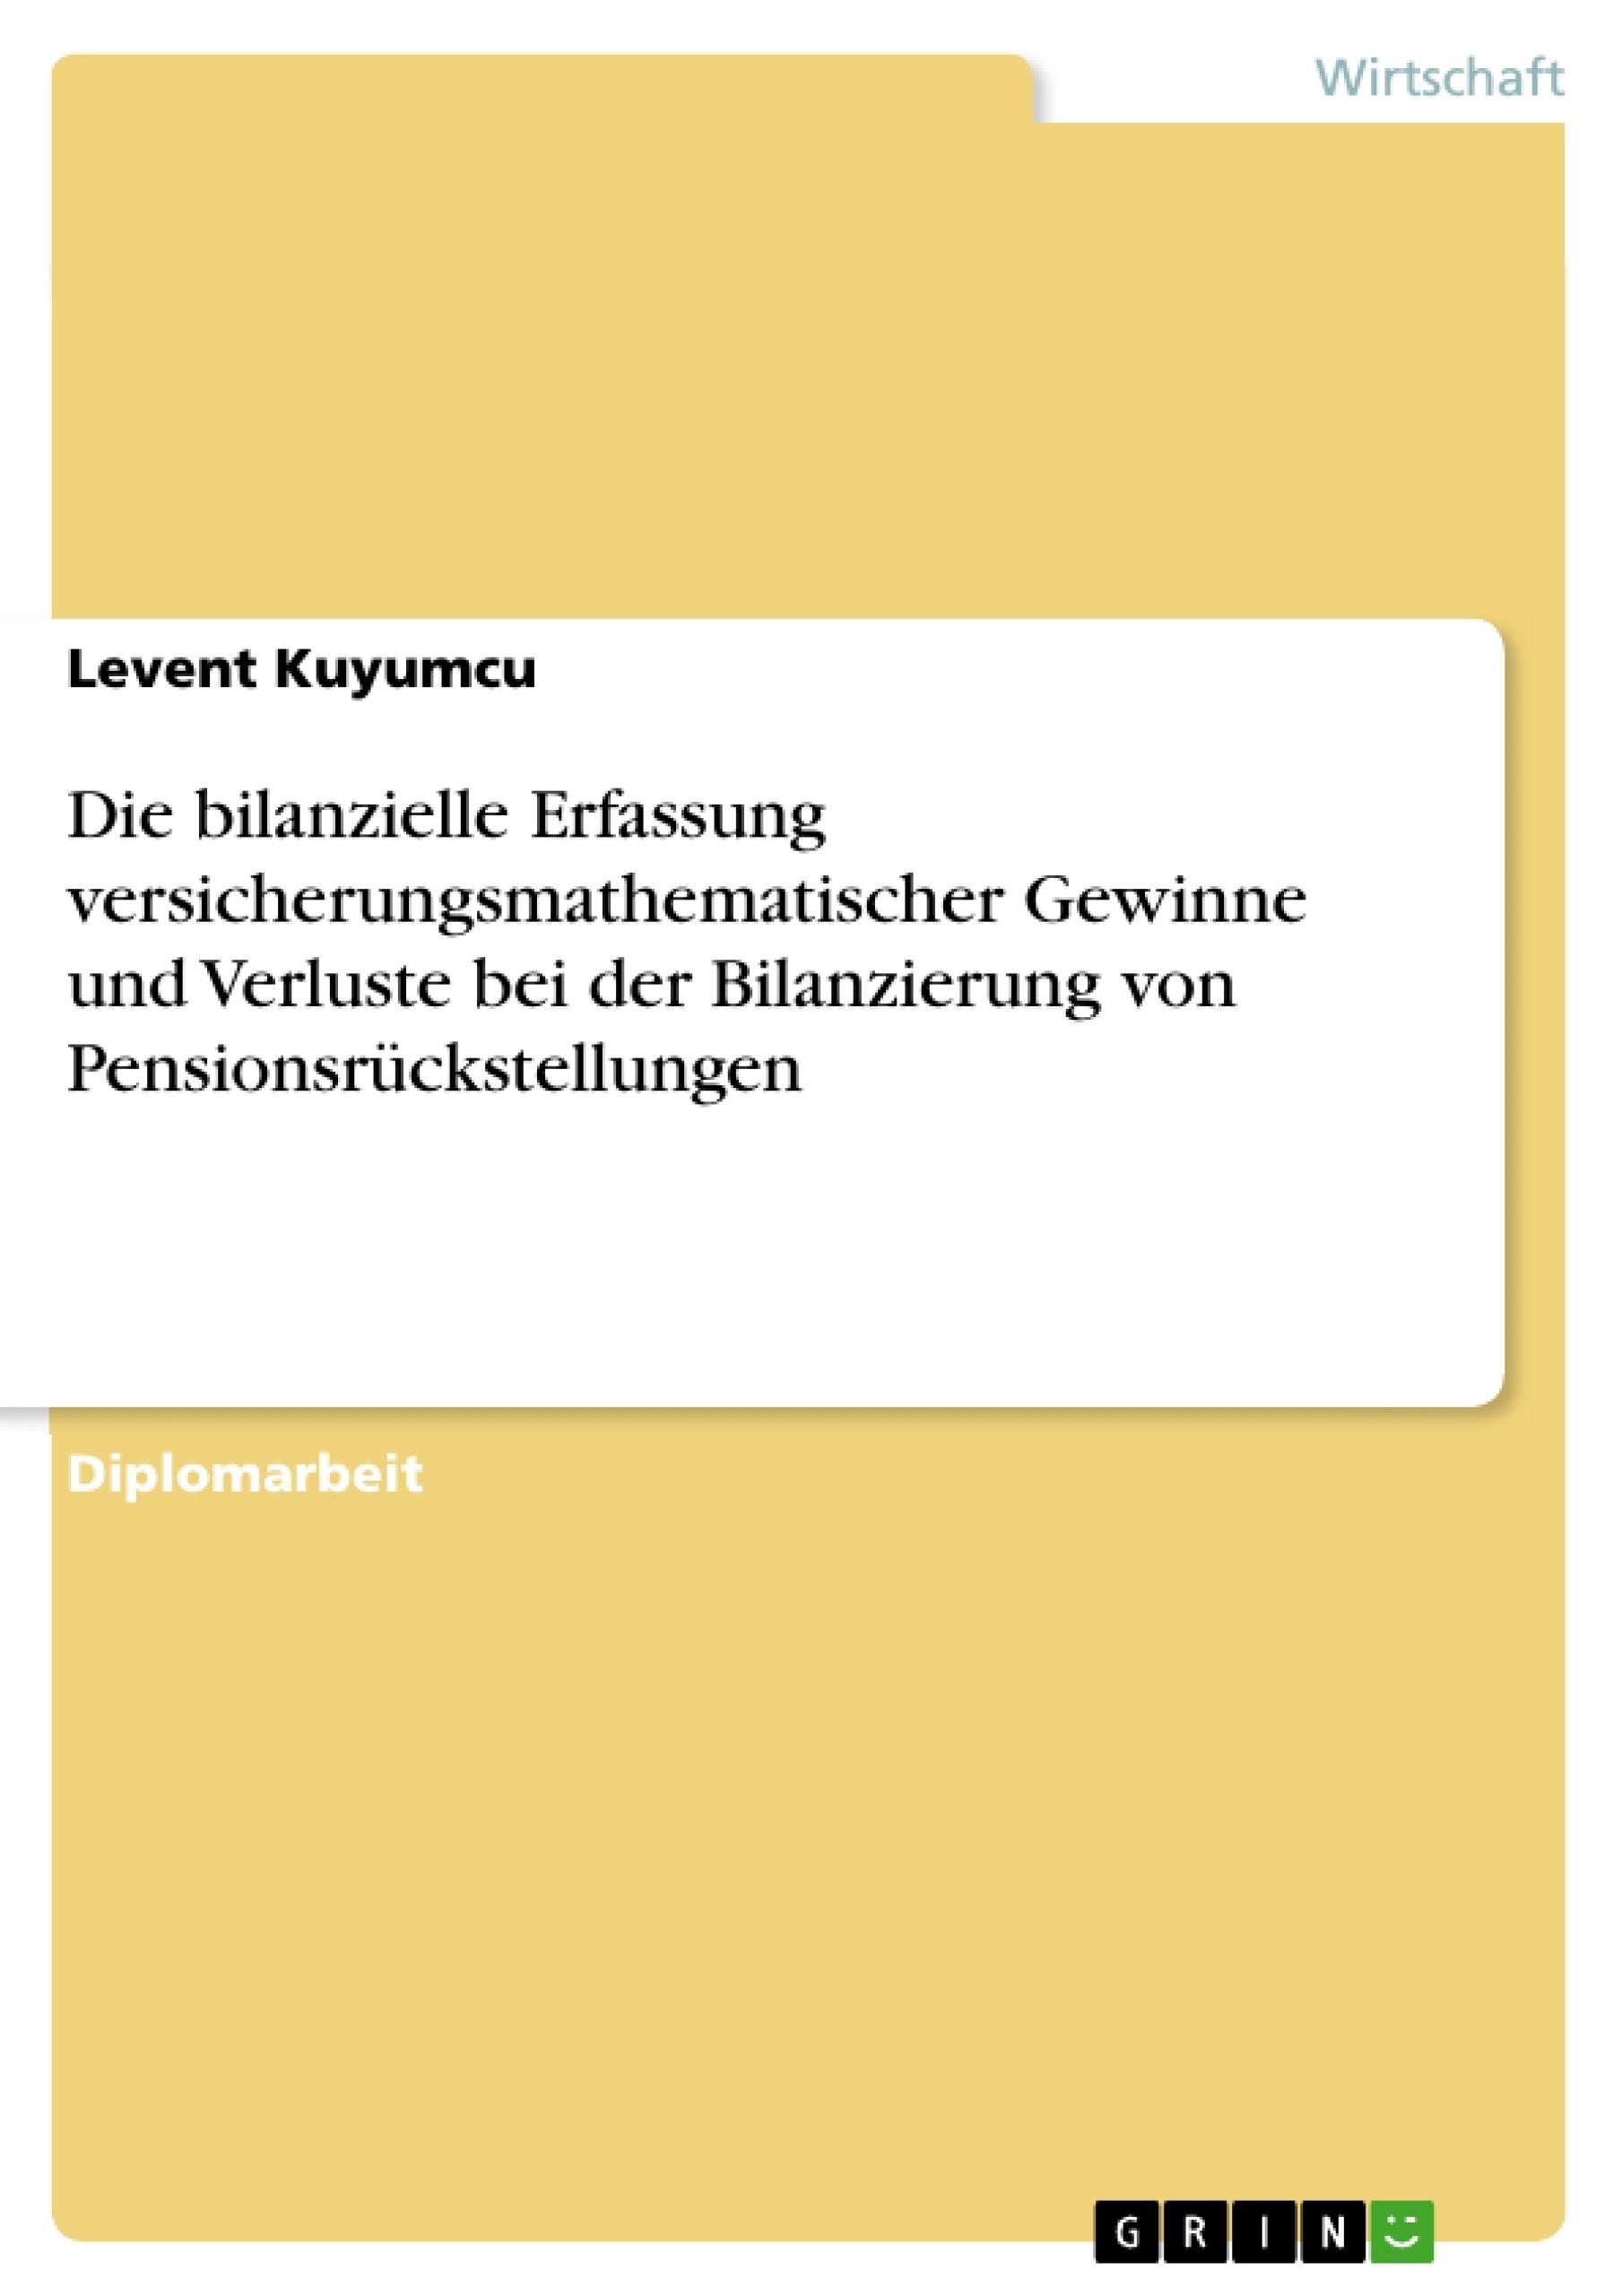 Titel: Die bilanzielle Erfassung versicherungsmathematischer Gewinne und Verluste bei der Bilanzierung von Pensionsrückstellungen